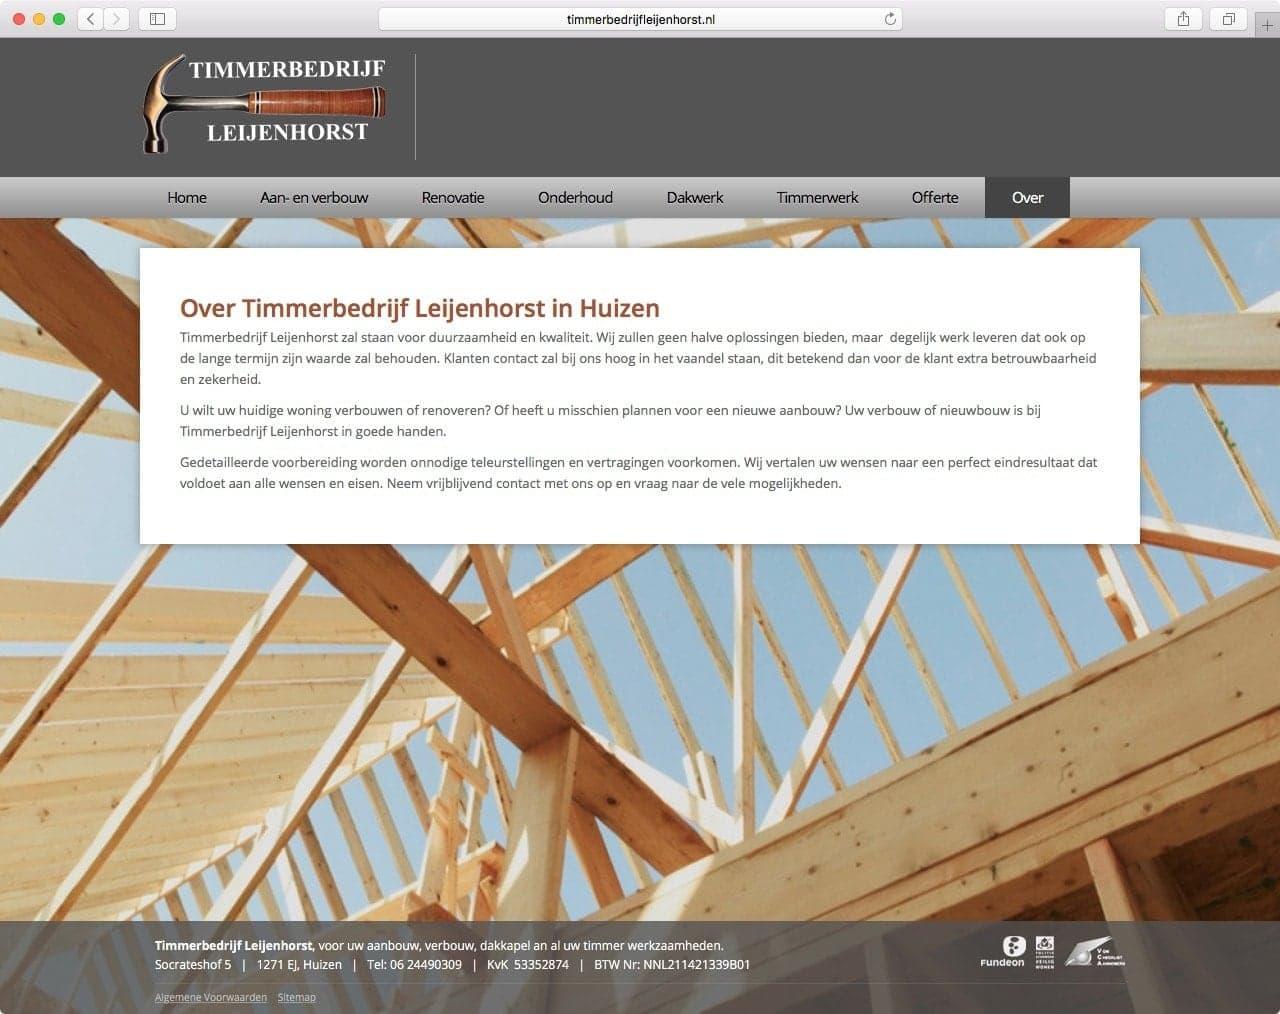 Timmerbedrijf Leijenhorst